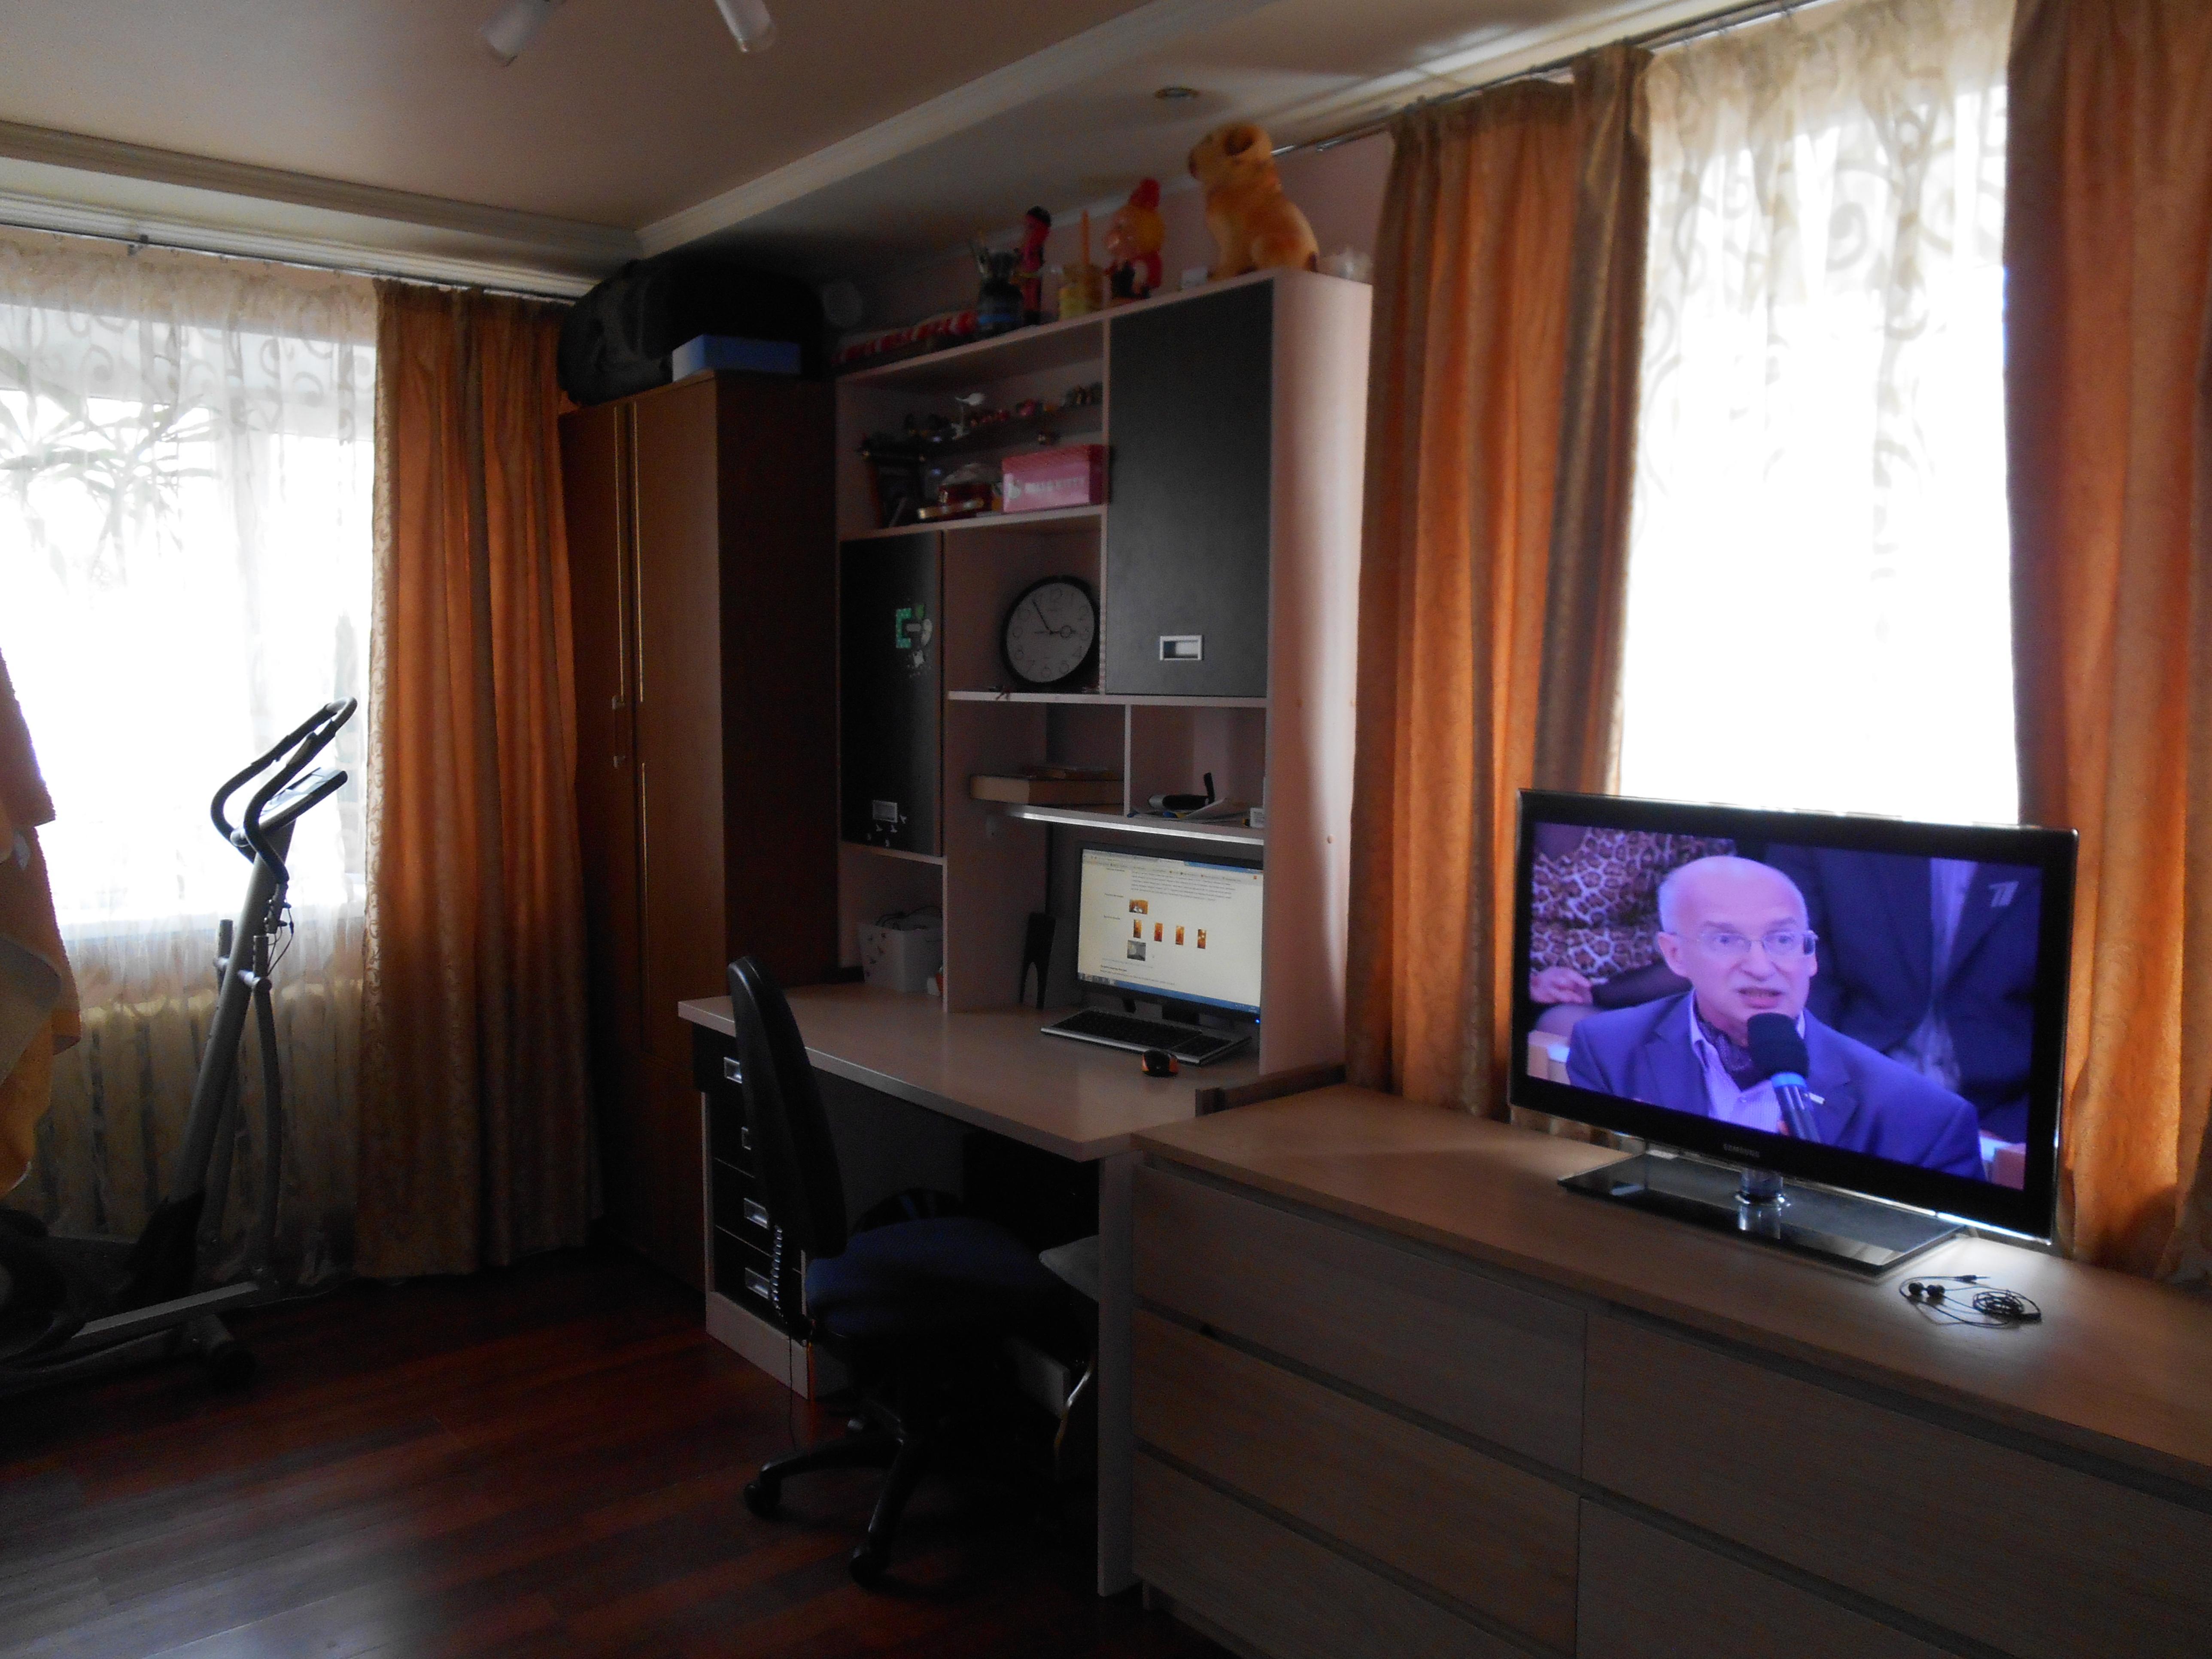 Продается 1-комнатная квартира на 1/5 кирпичного дома